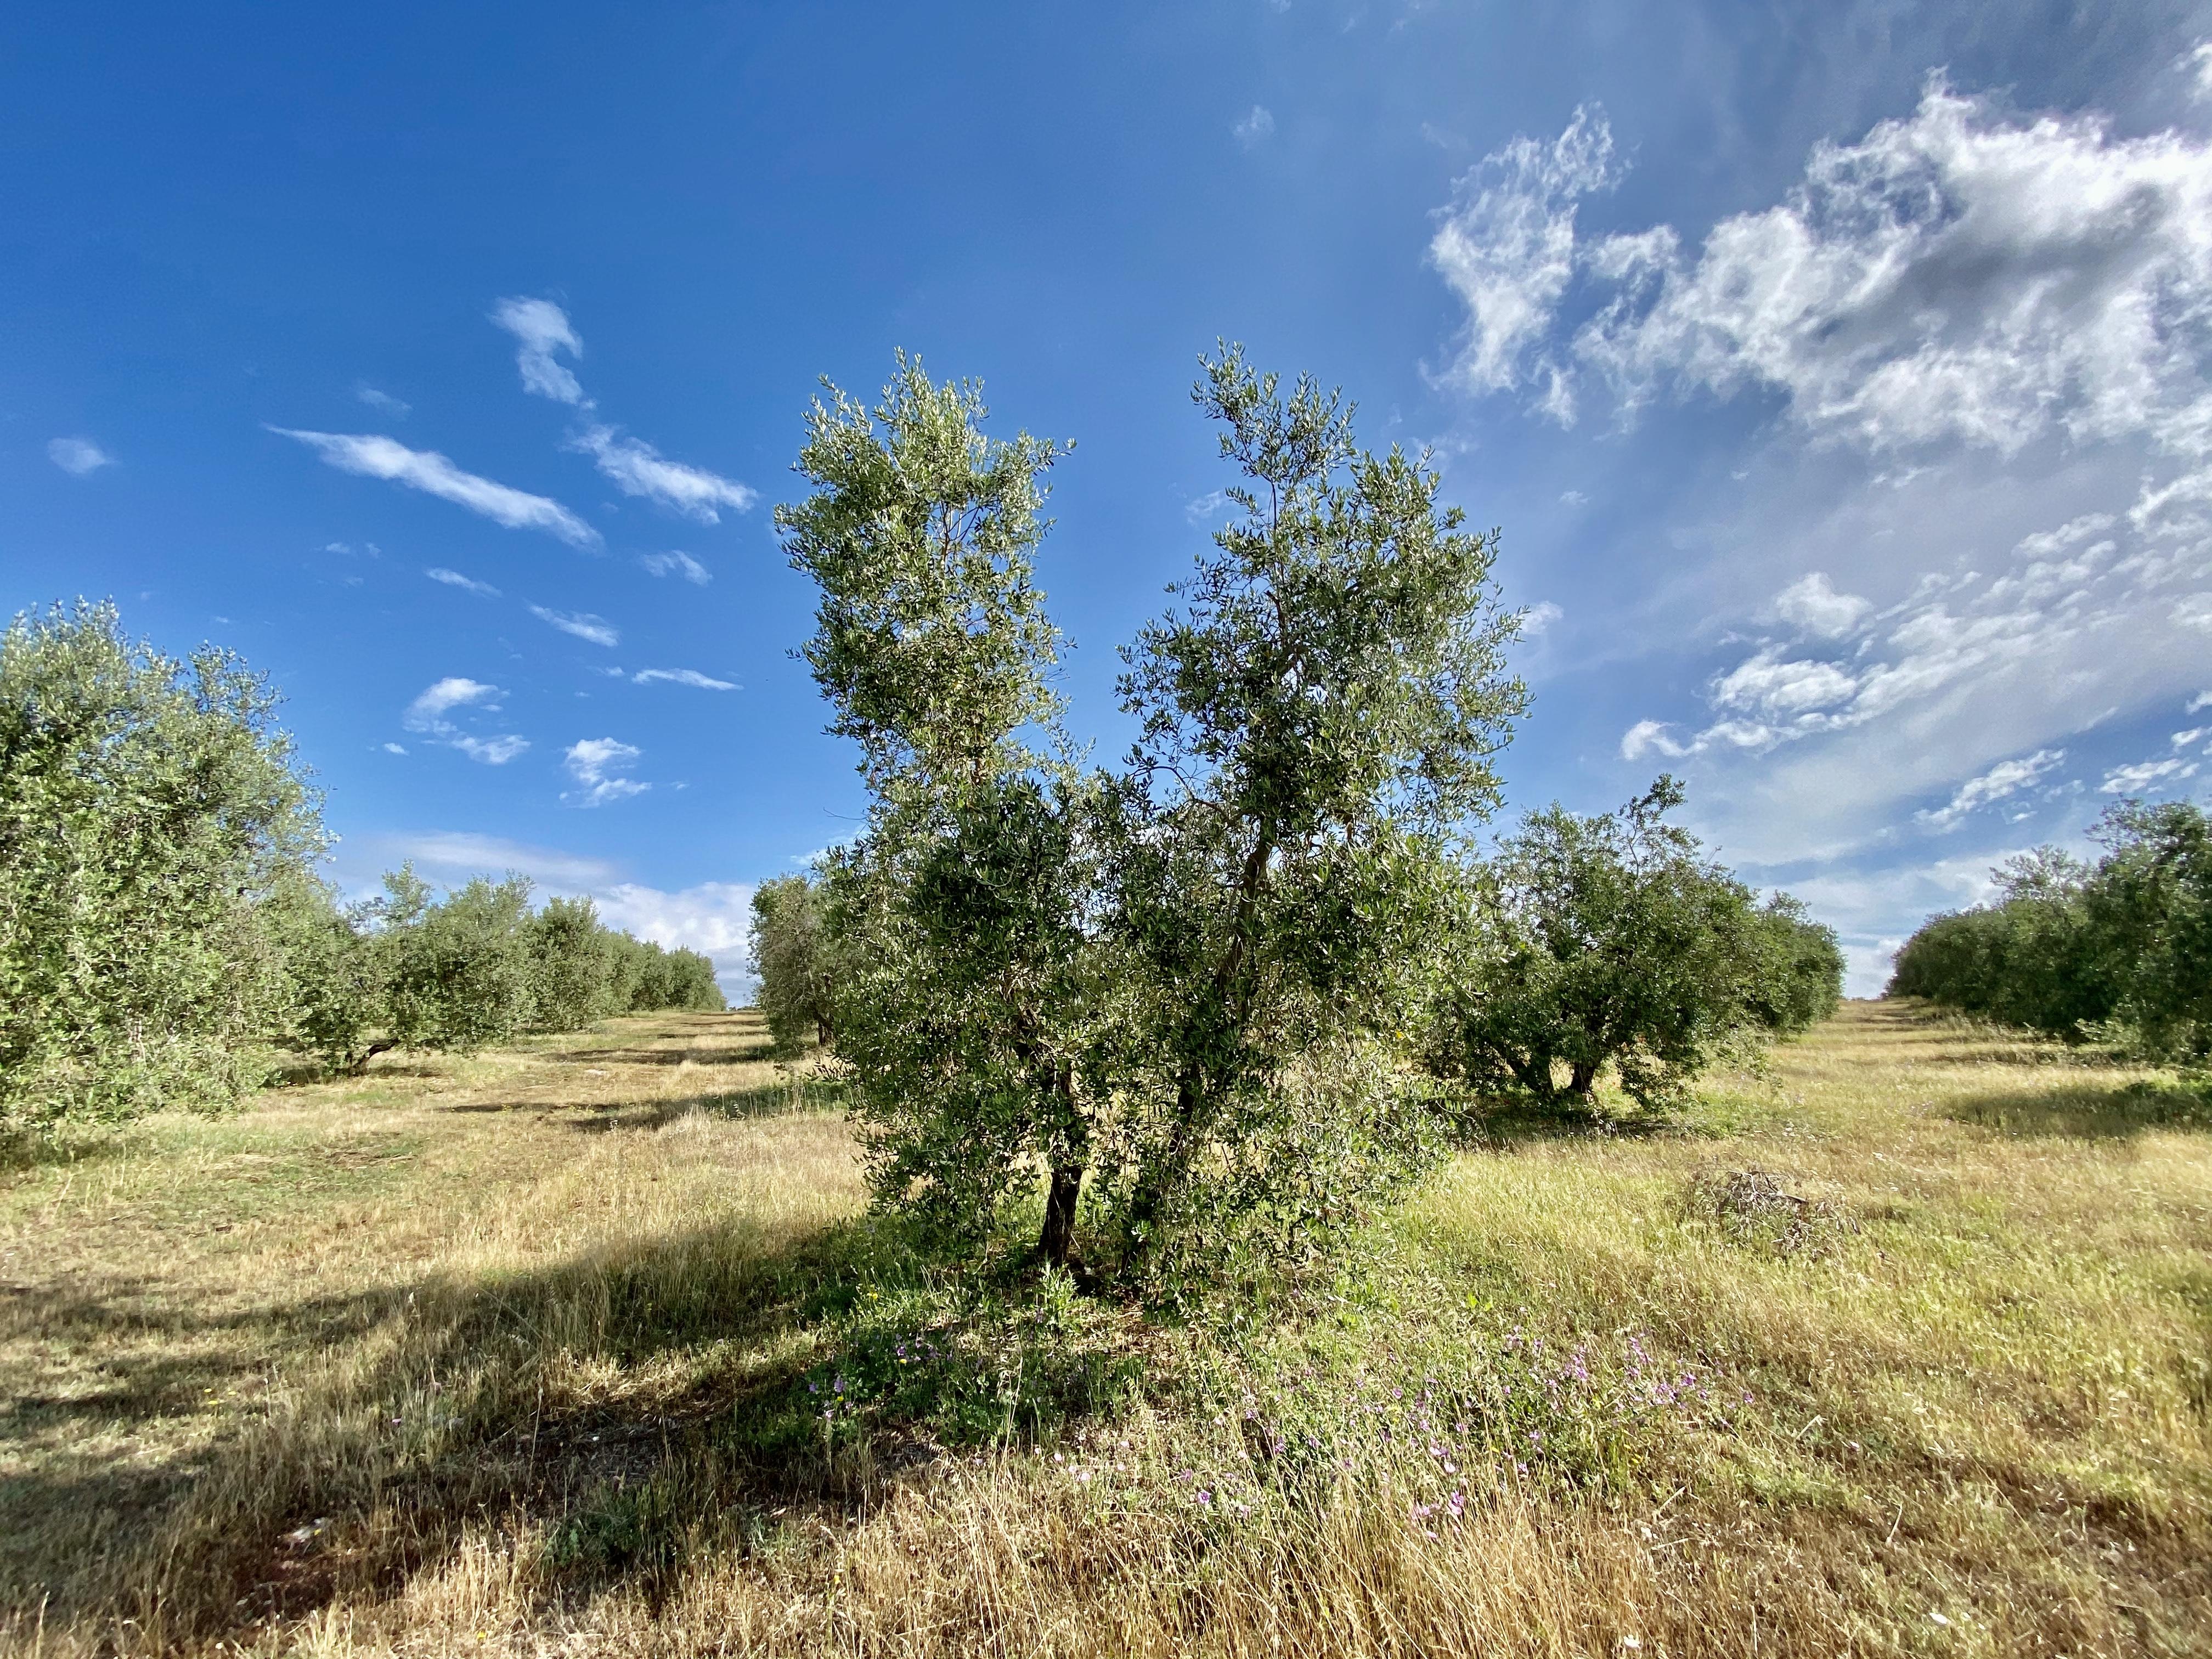 Olivo adottato da Turconi Lorella come regalo da Anna Rizzi